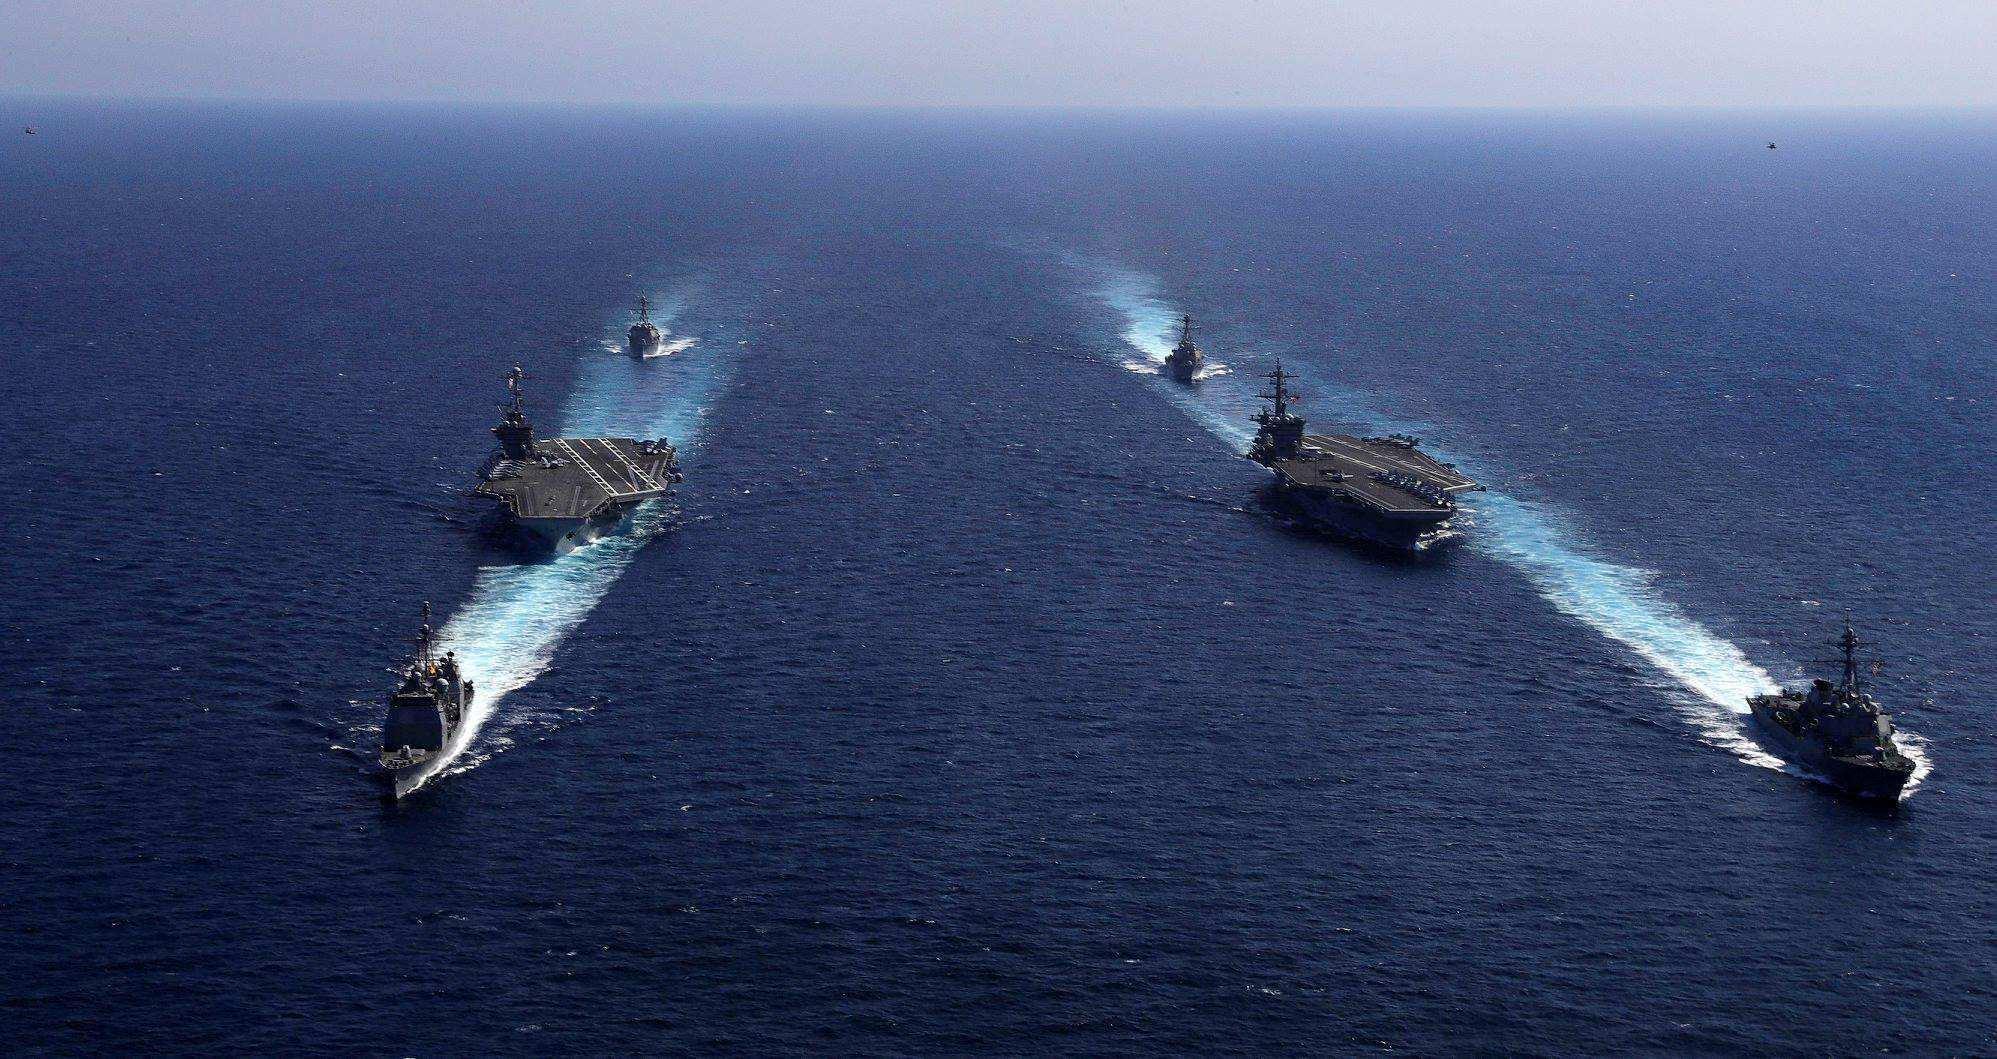 原创   美DDGNext驱逐舰公布:融合中俄舰艇理念,或改变海战样式    第5张